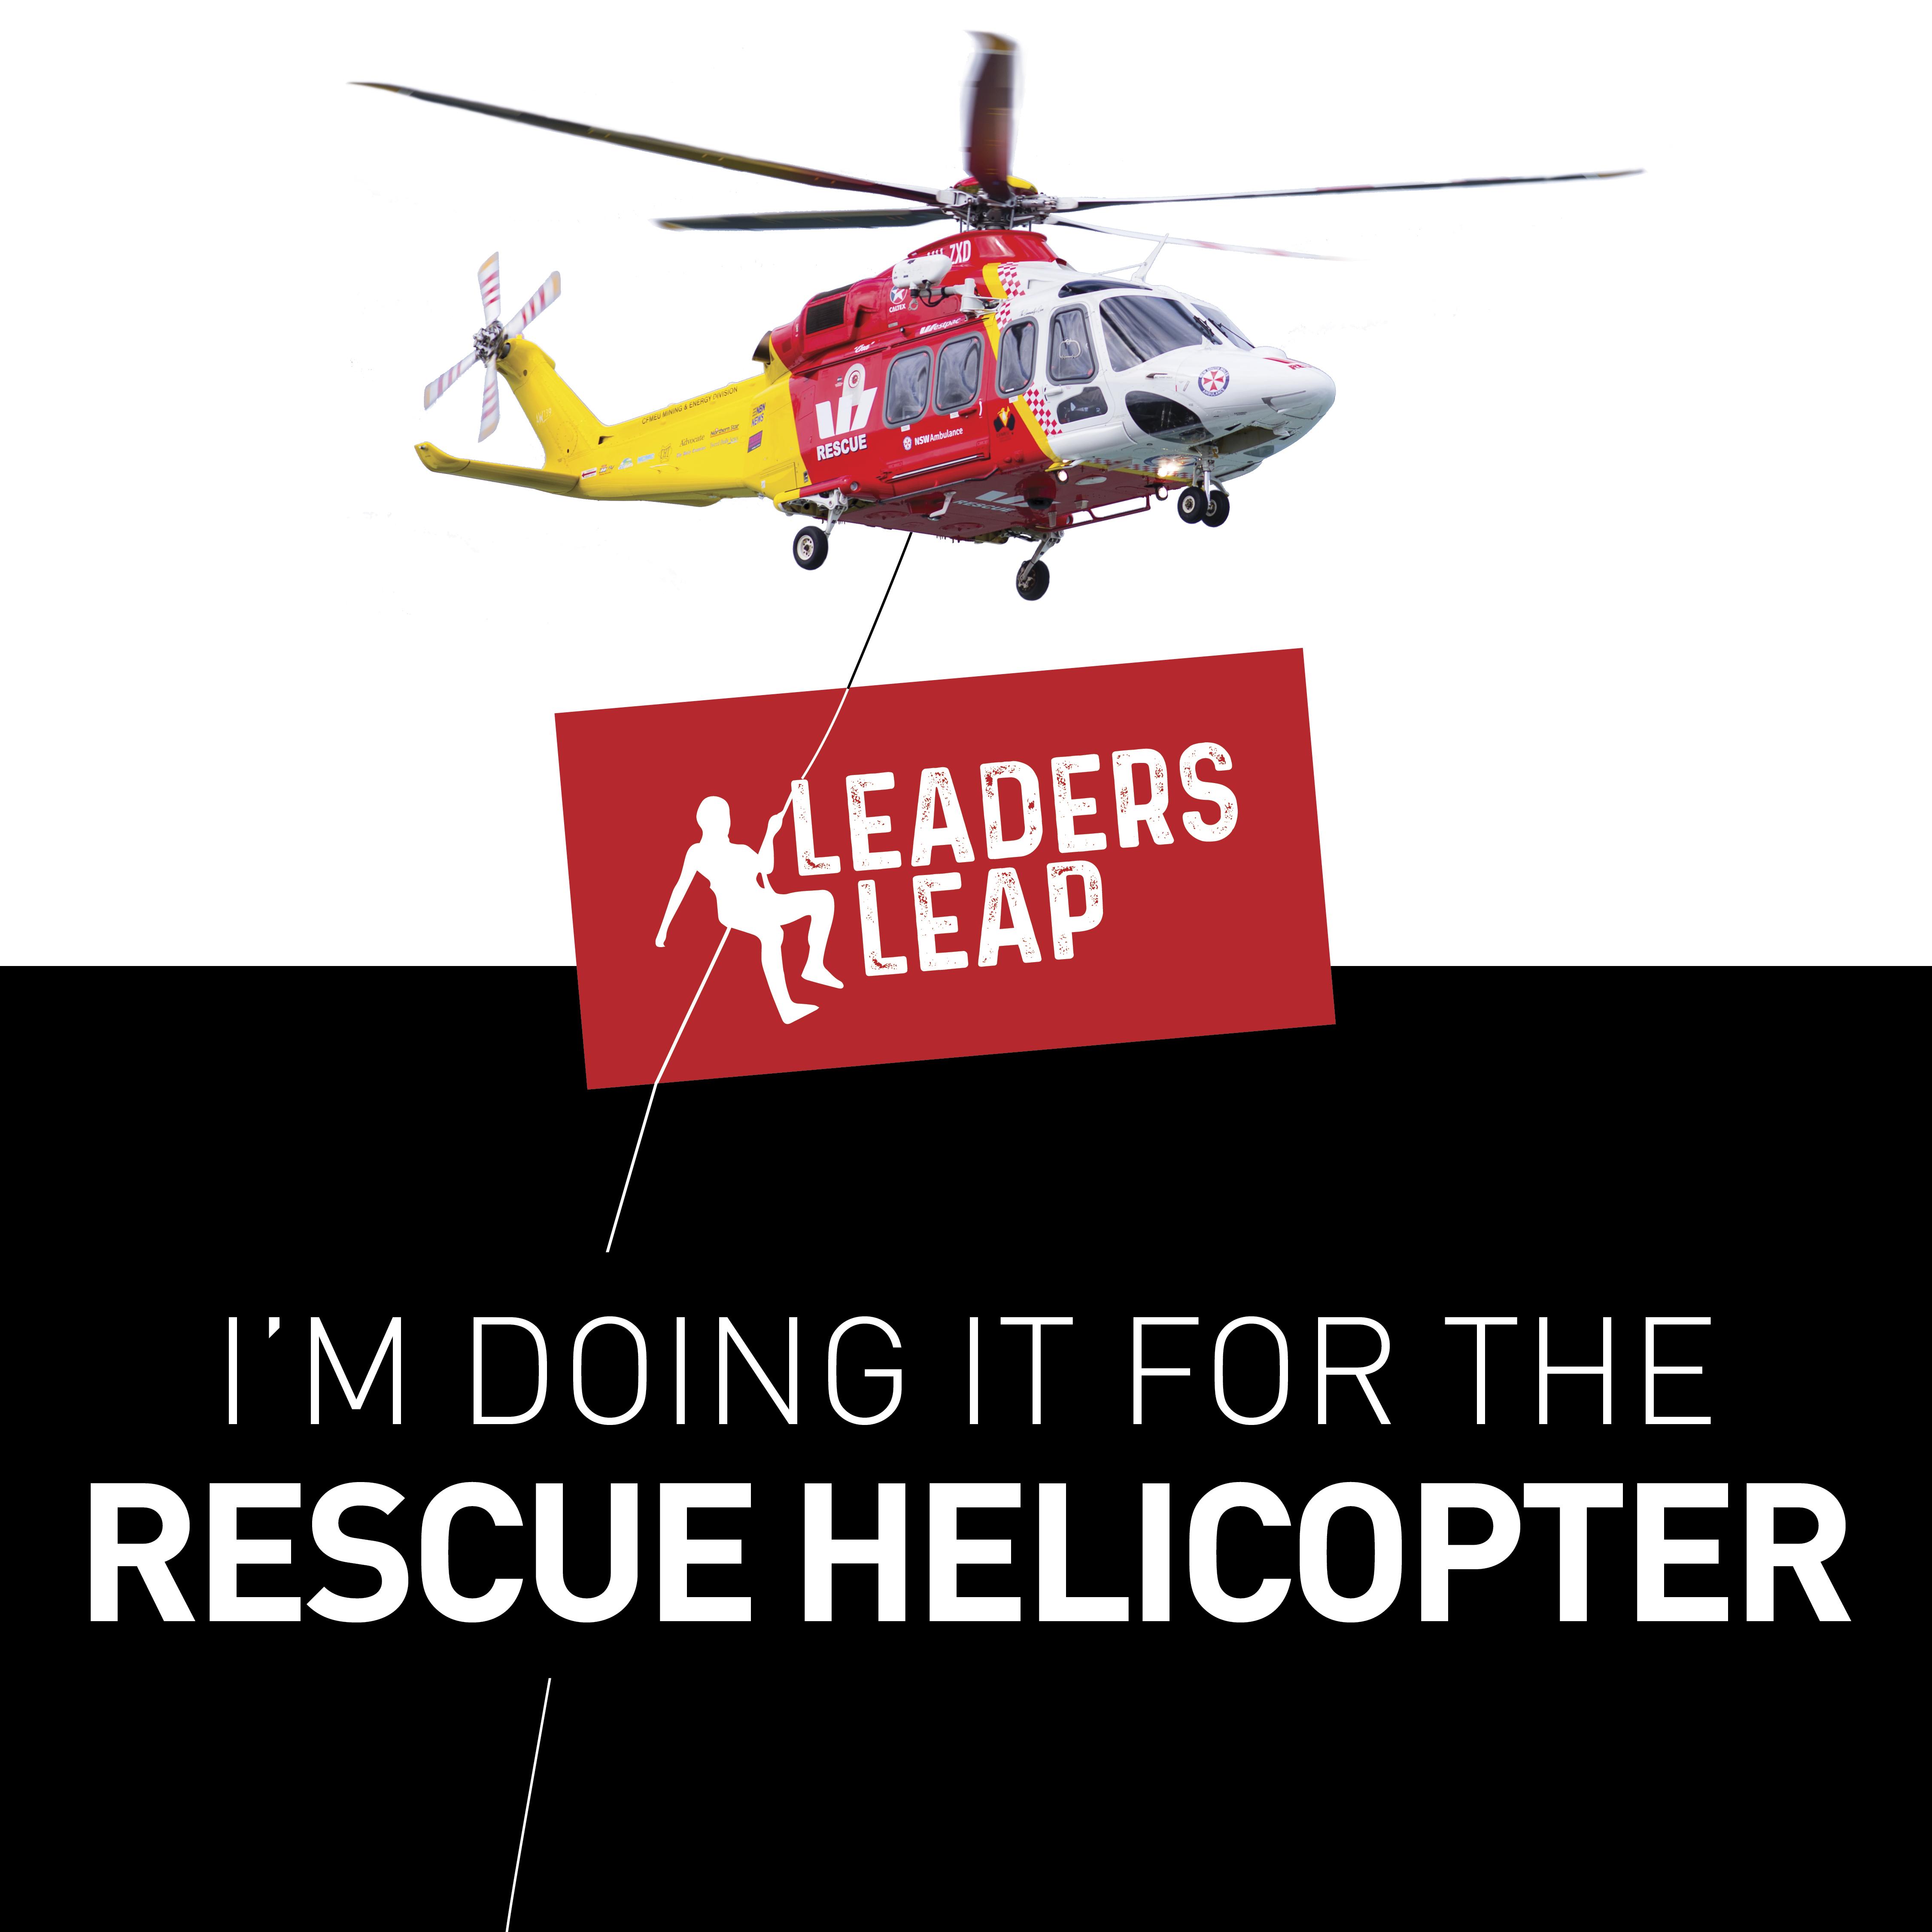 LeadersLeap Doing it for the Chopper AW139 Social Tile